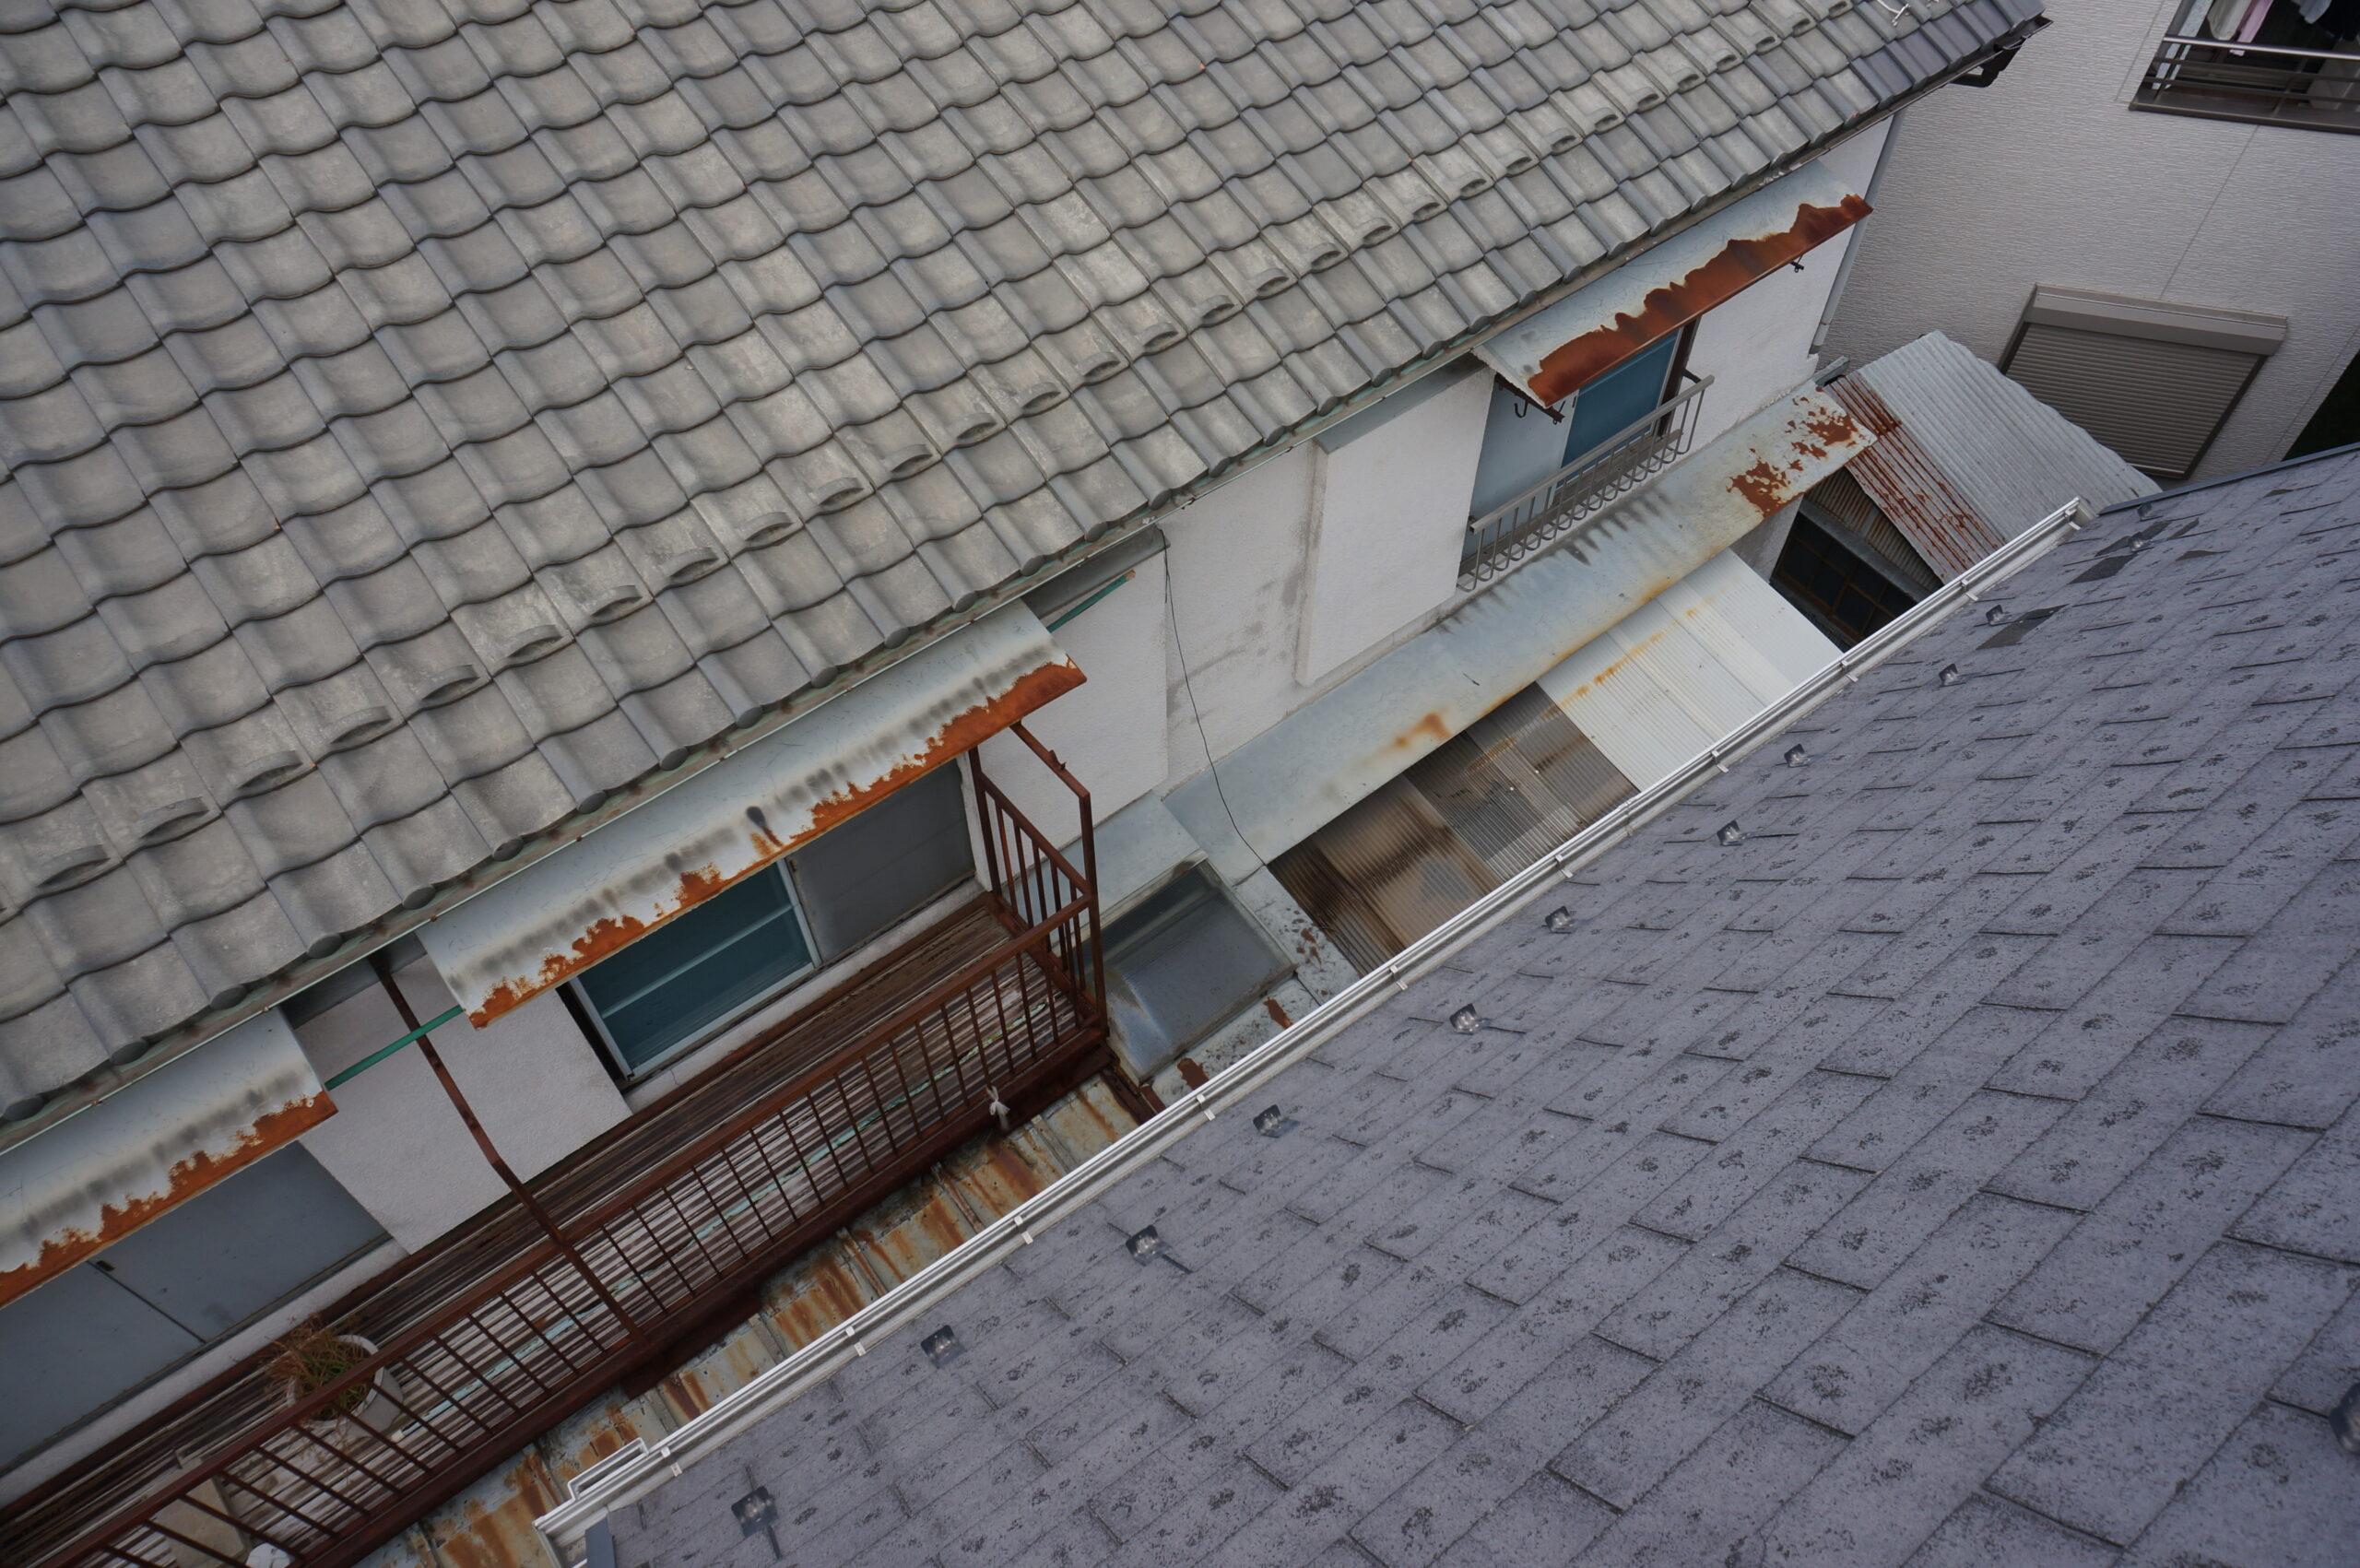 羽村市で屋根雨樋の住宅調査を実施